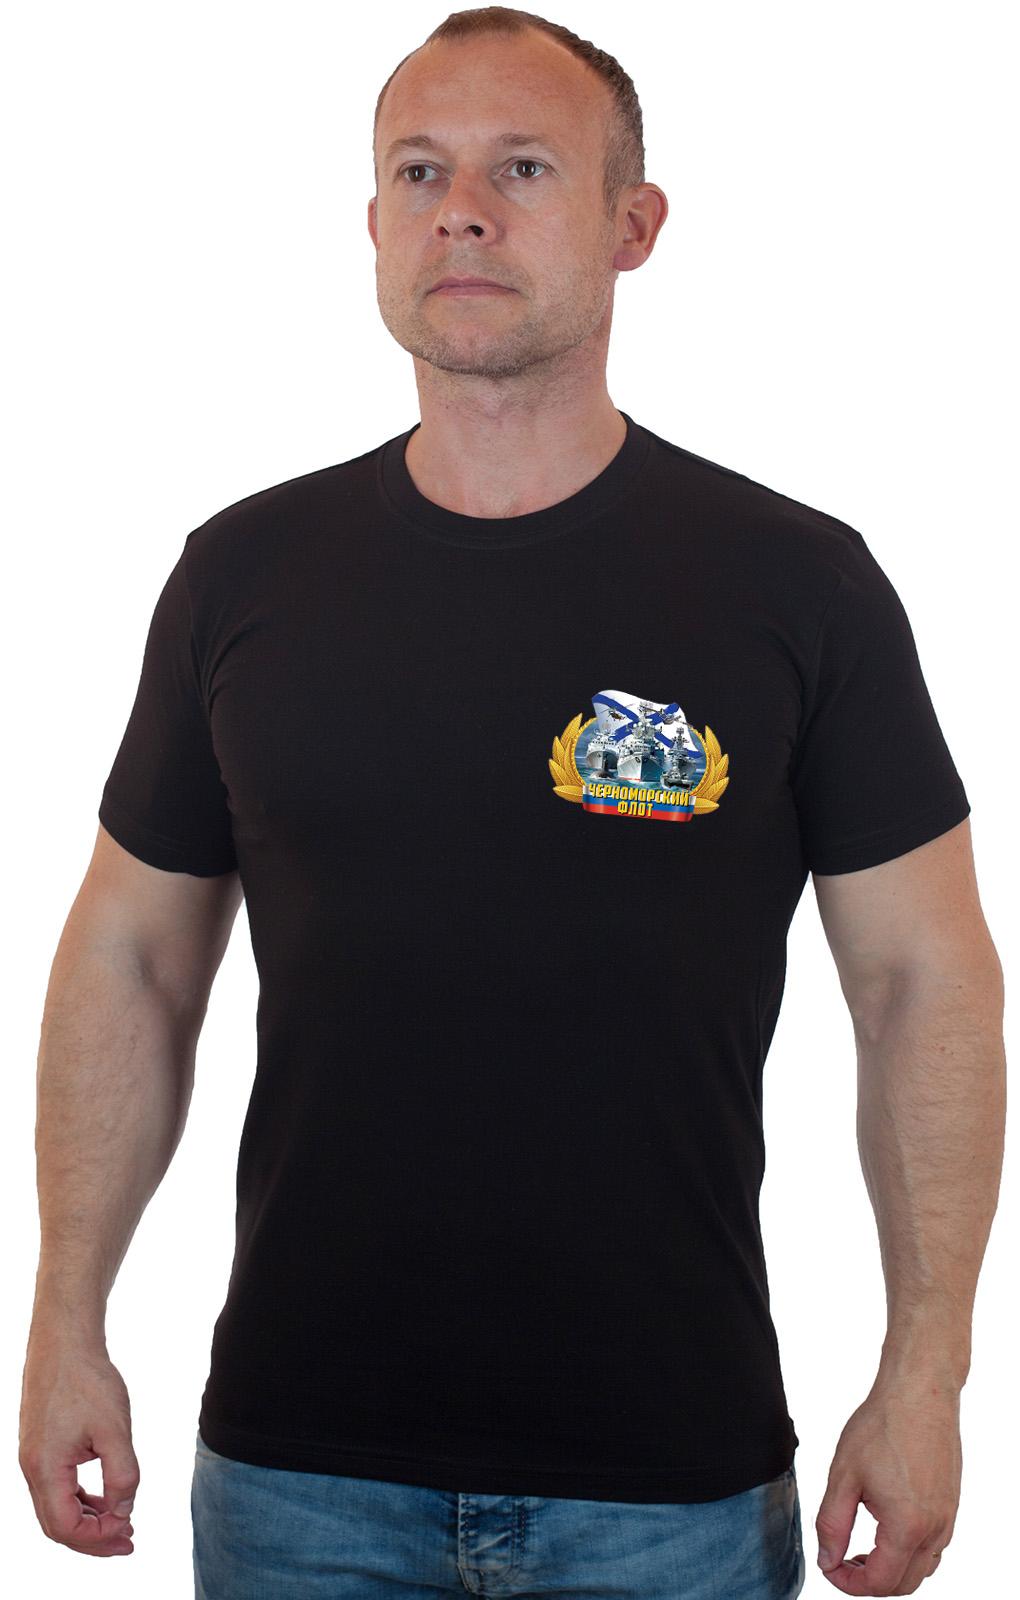 Купить в Москве мужскую футболку Черноморский Флот